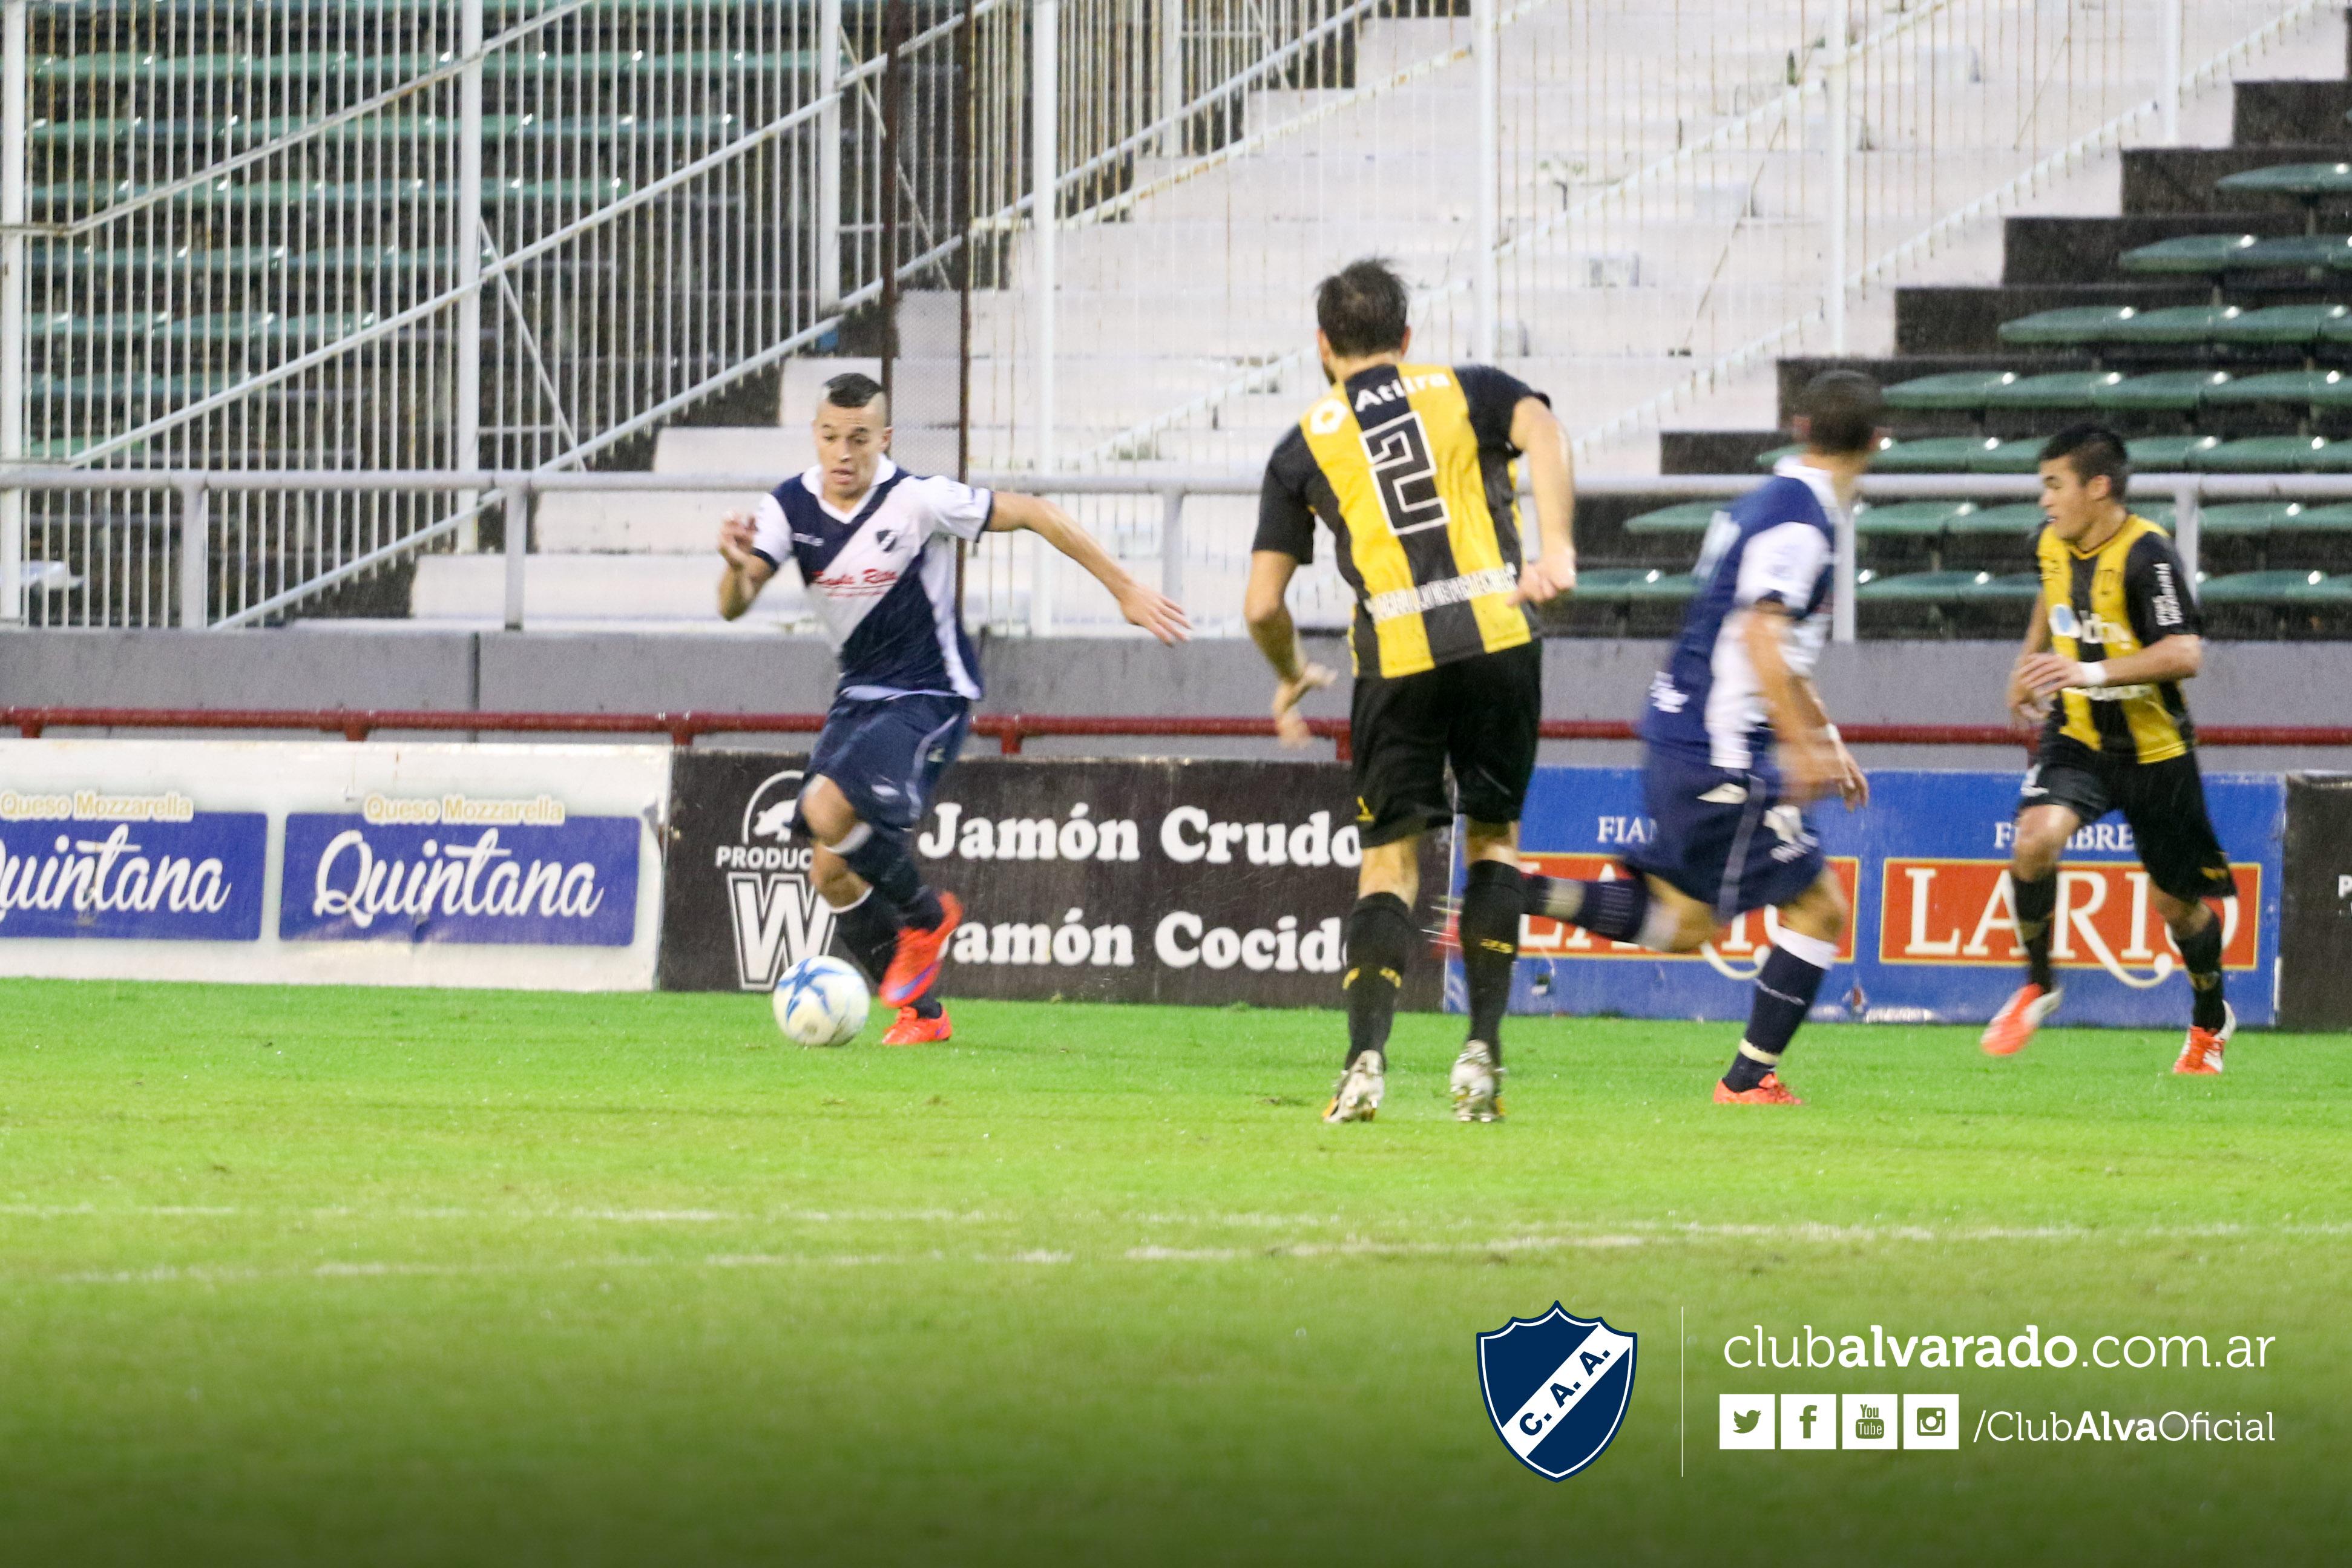 Alvarado cayó como local y tendrá que ganar por 4 goles para pasar de ronda. (Foto: Florencia Arroyos - Club Alvarado)